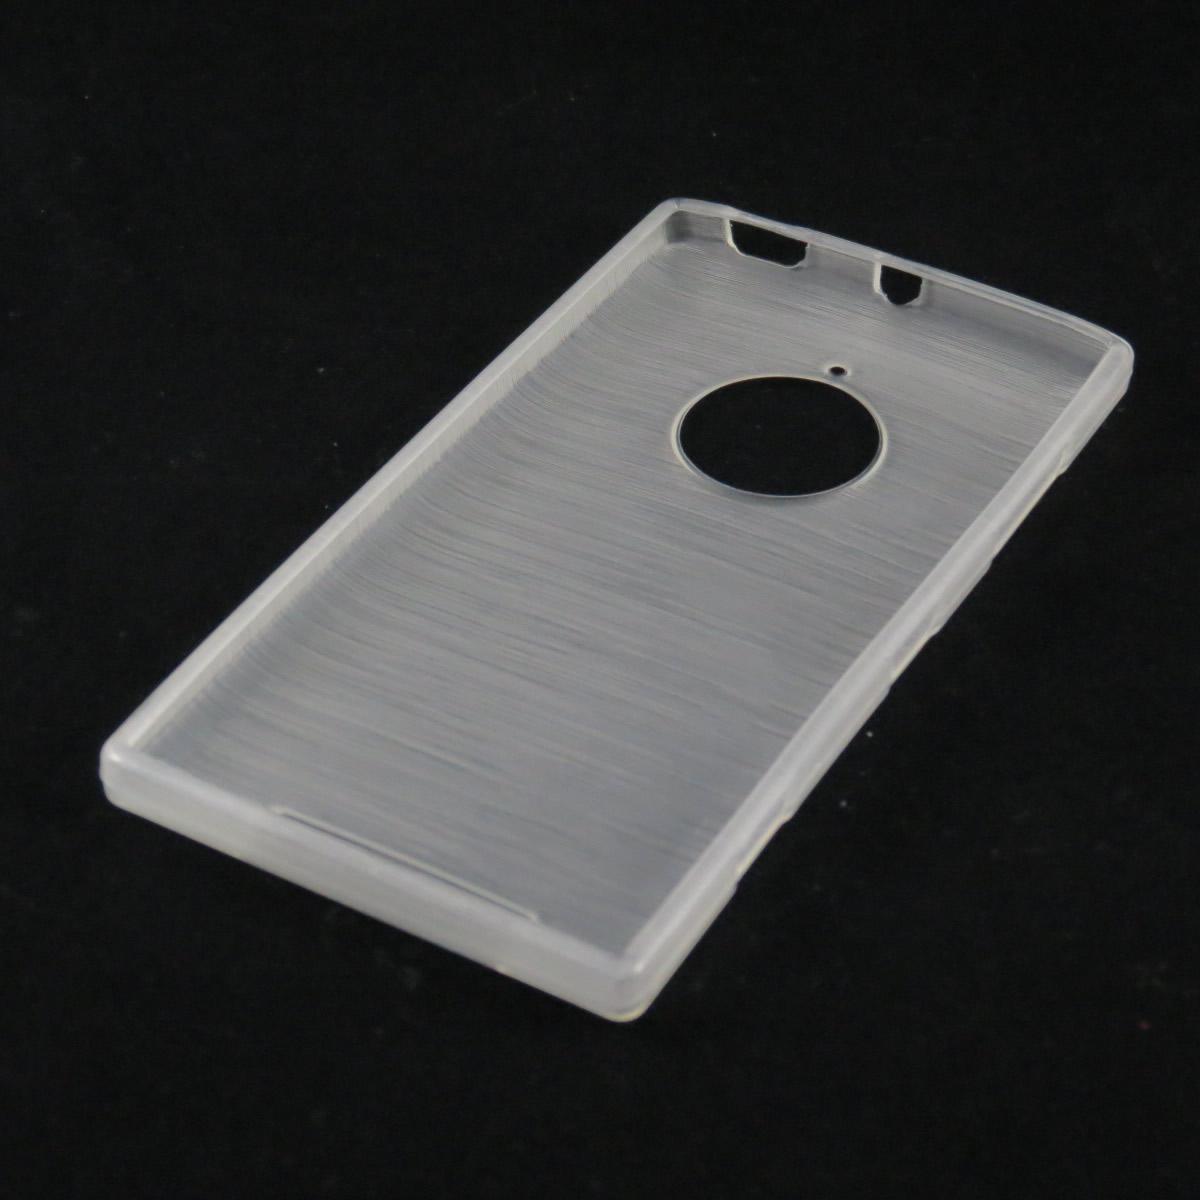 Capa Nokia Lumia 830 - Branca Escovada Flexível TPU